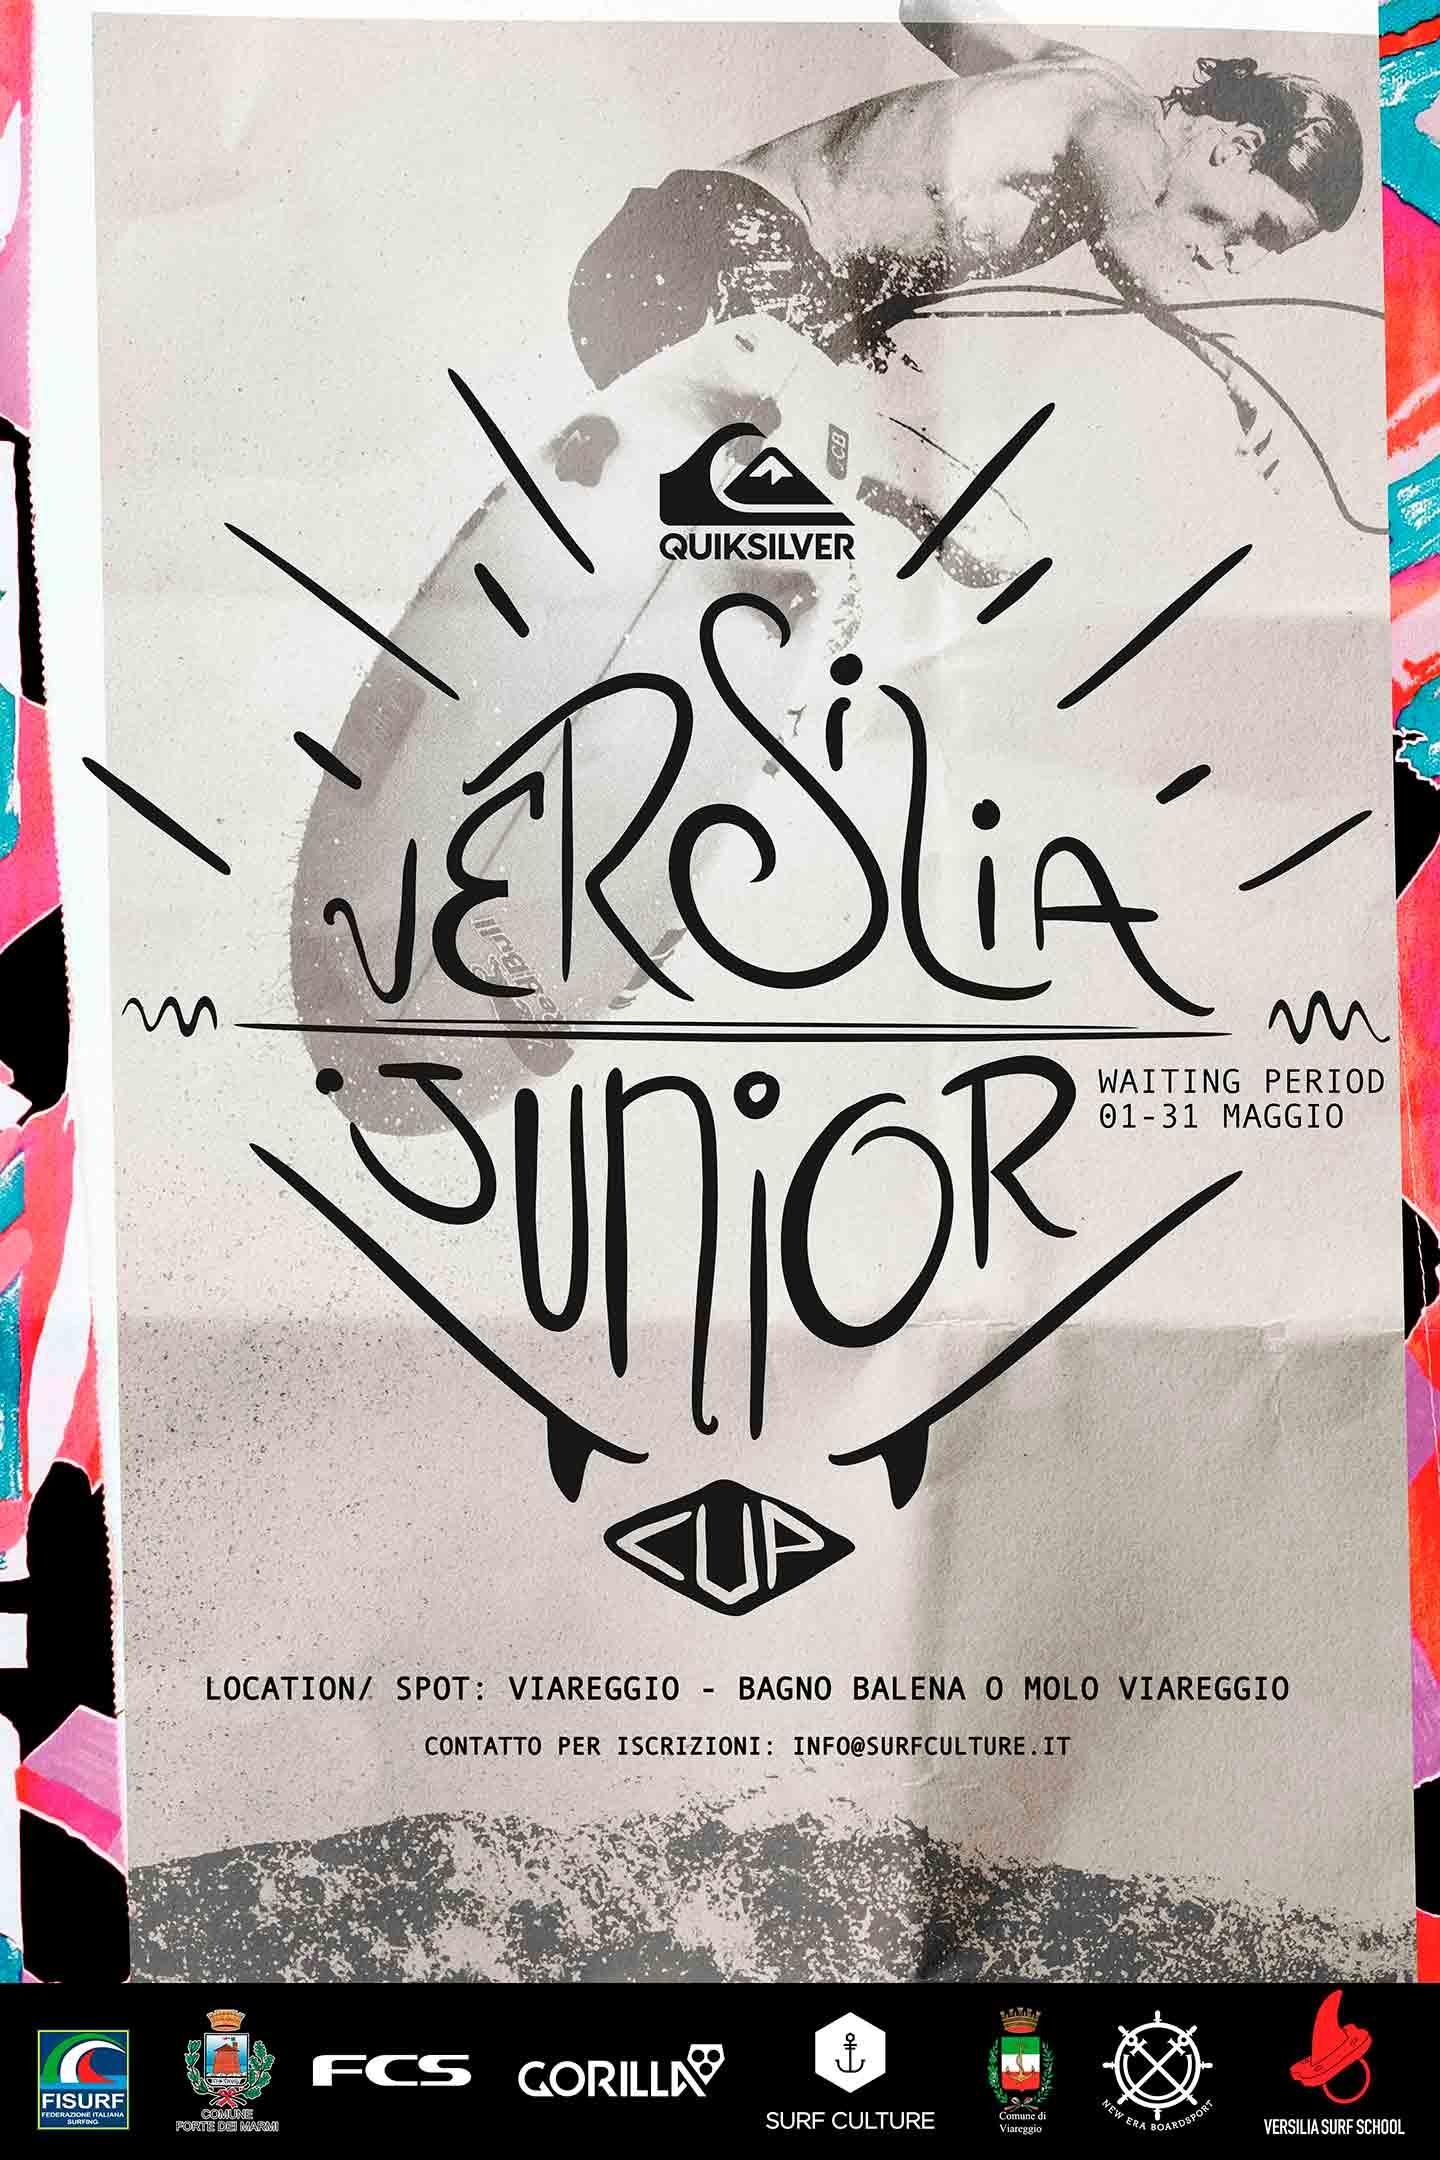 quiksilver_versilia_junior_cup_2105_surfculture